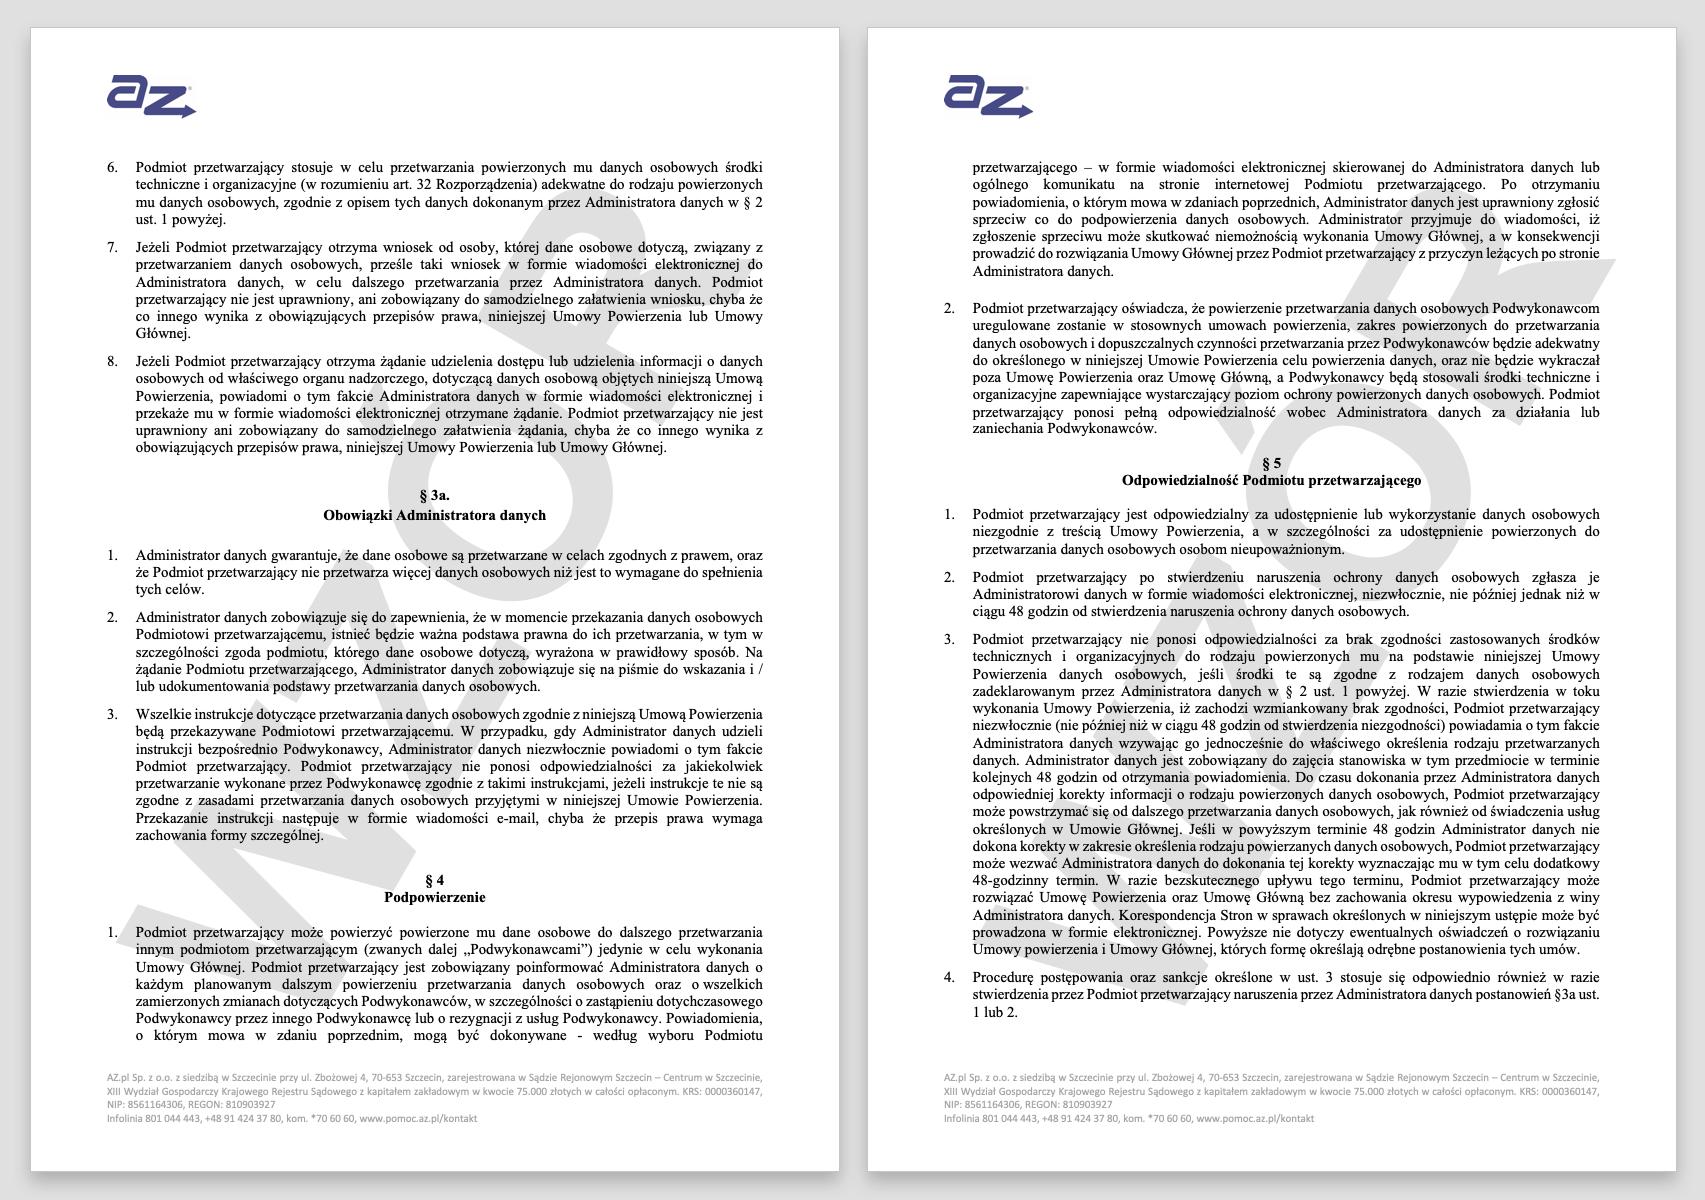 RODO - jak wygląda przykładowa umowa powierzenia przetwarzania danych w AZ.pl